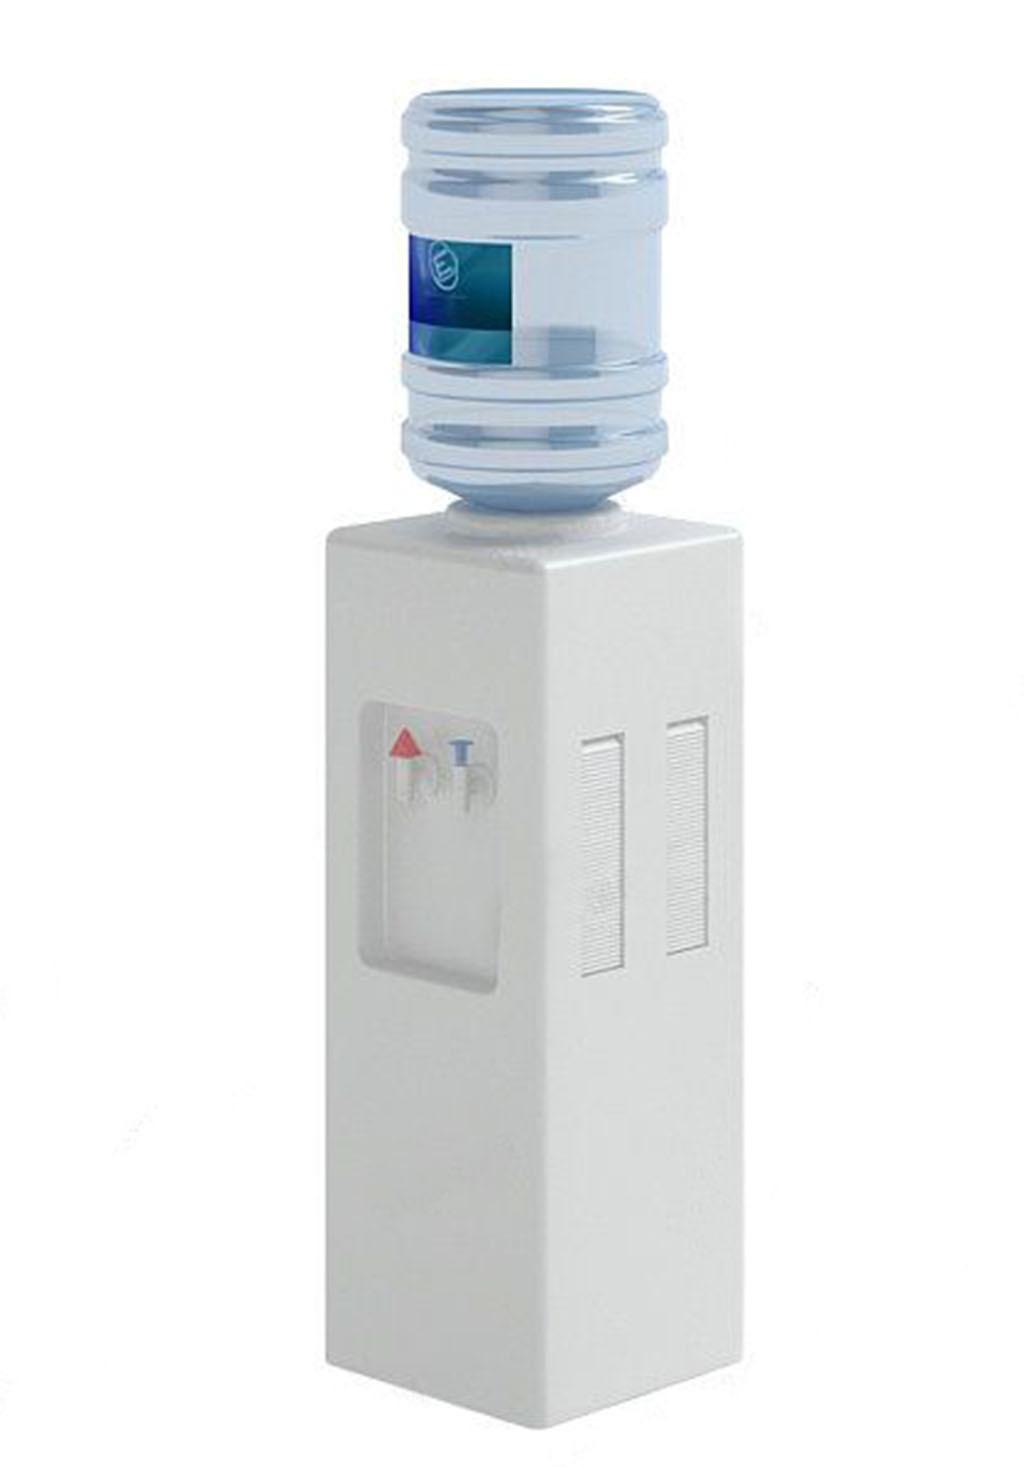 环保饮水机模板下载 环保饮水机图片下载